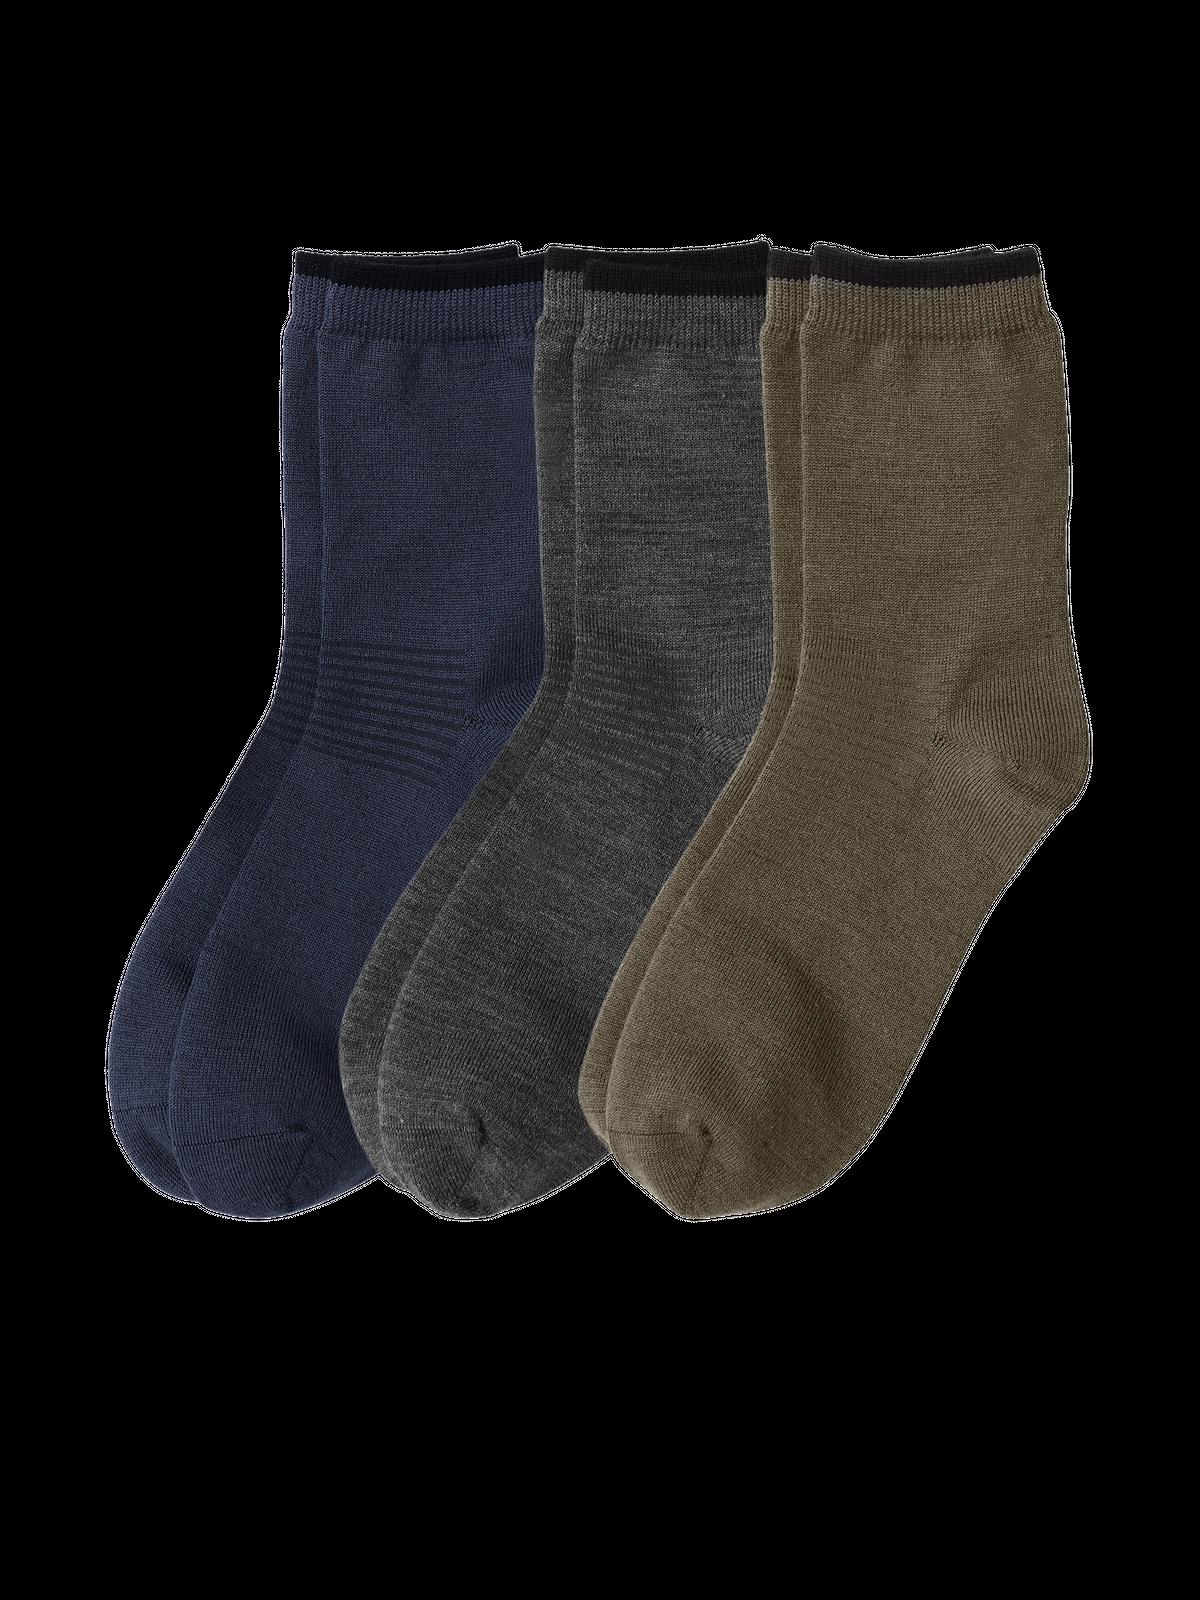 Wool Sock Everyday Blå/Grå/Grön